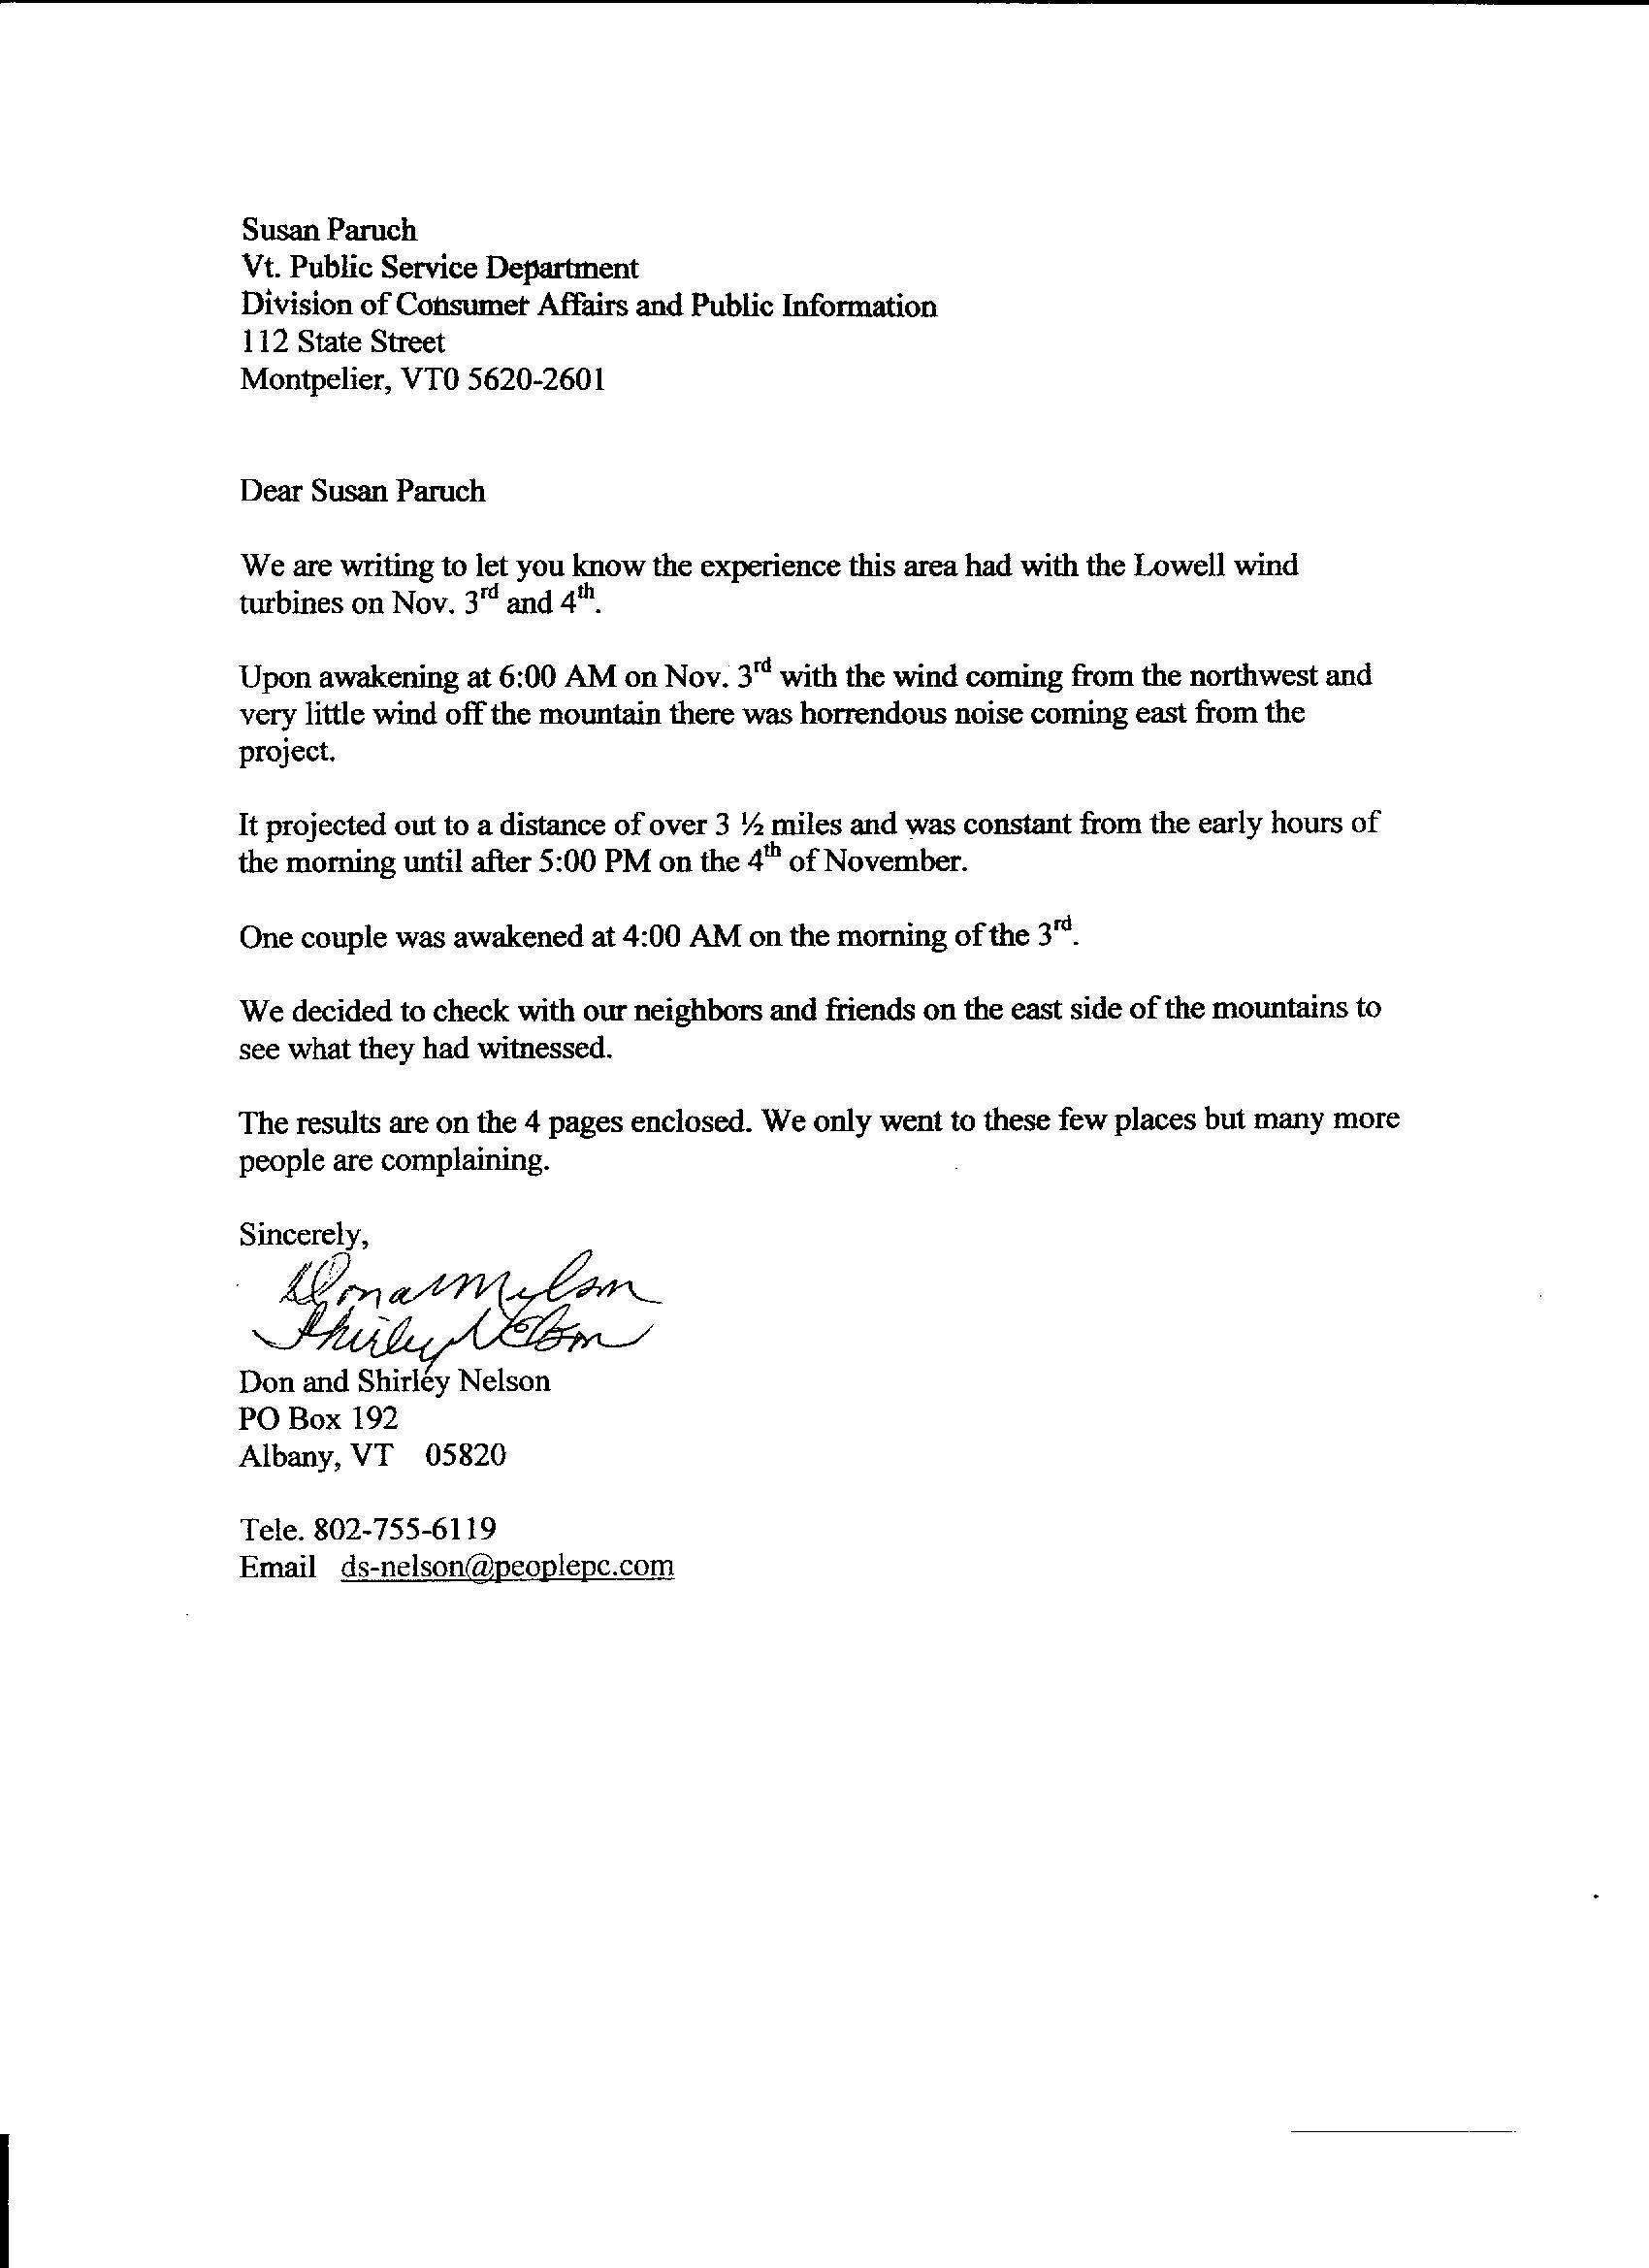 noise complaint letter template Collection-neighbour plaint letter template 10-l